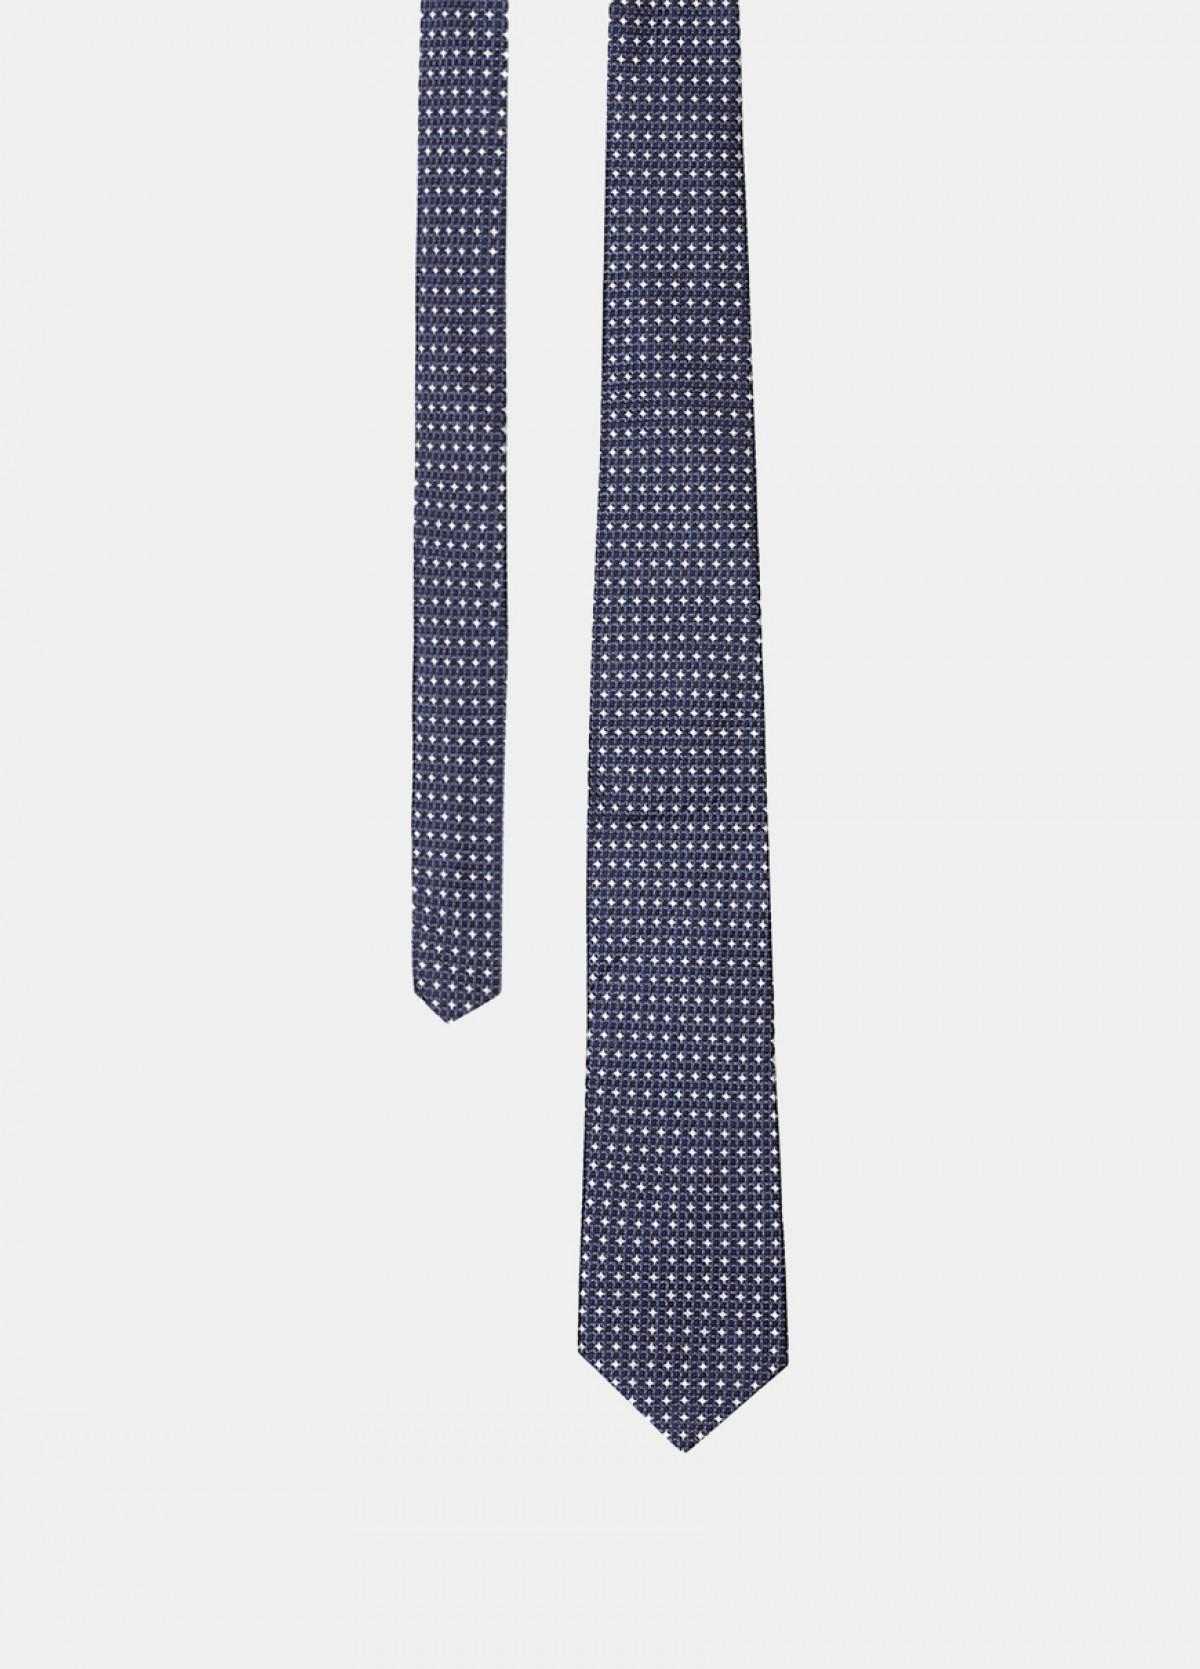 The Blue Silk Tie